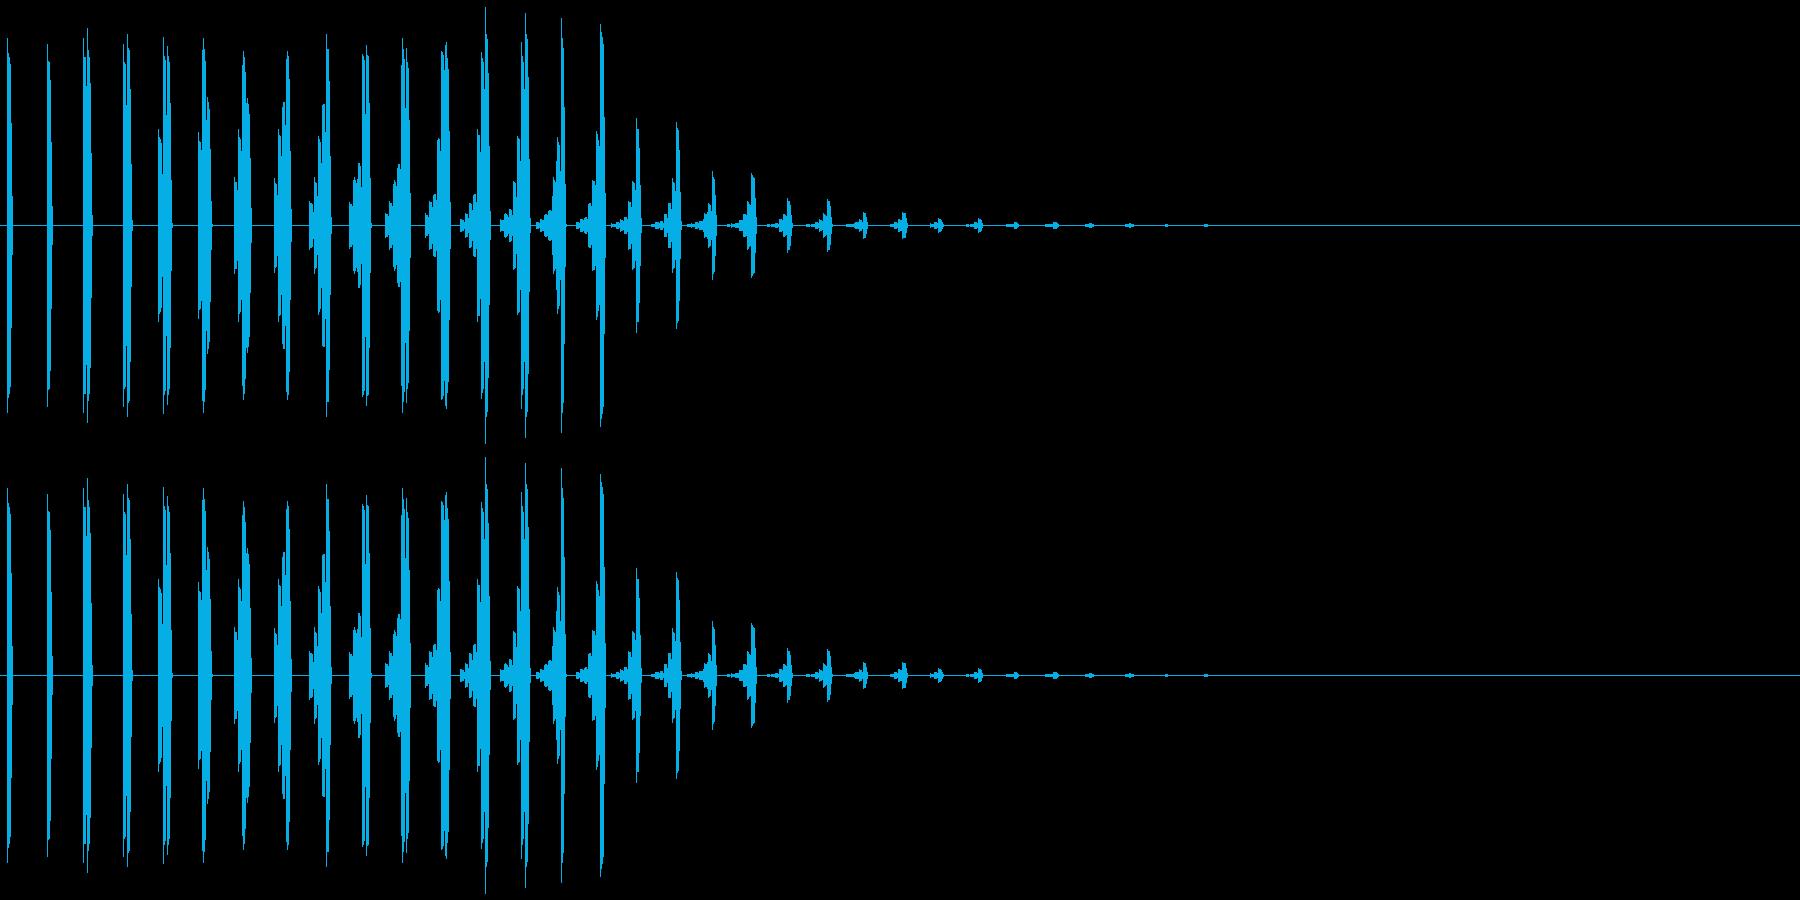 アイテム入手、回復など ティコォリィ…の再生済みの波形